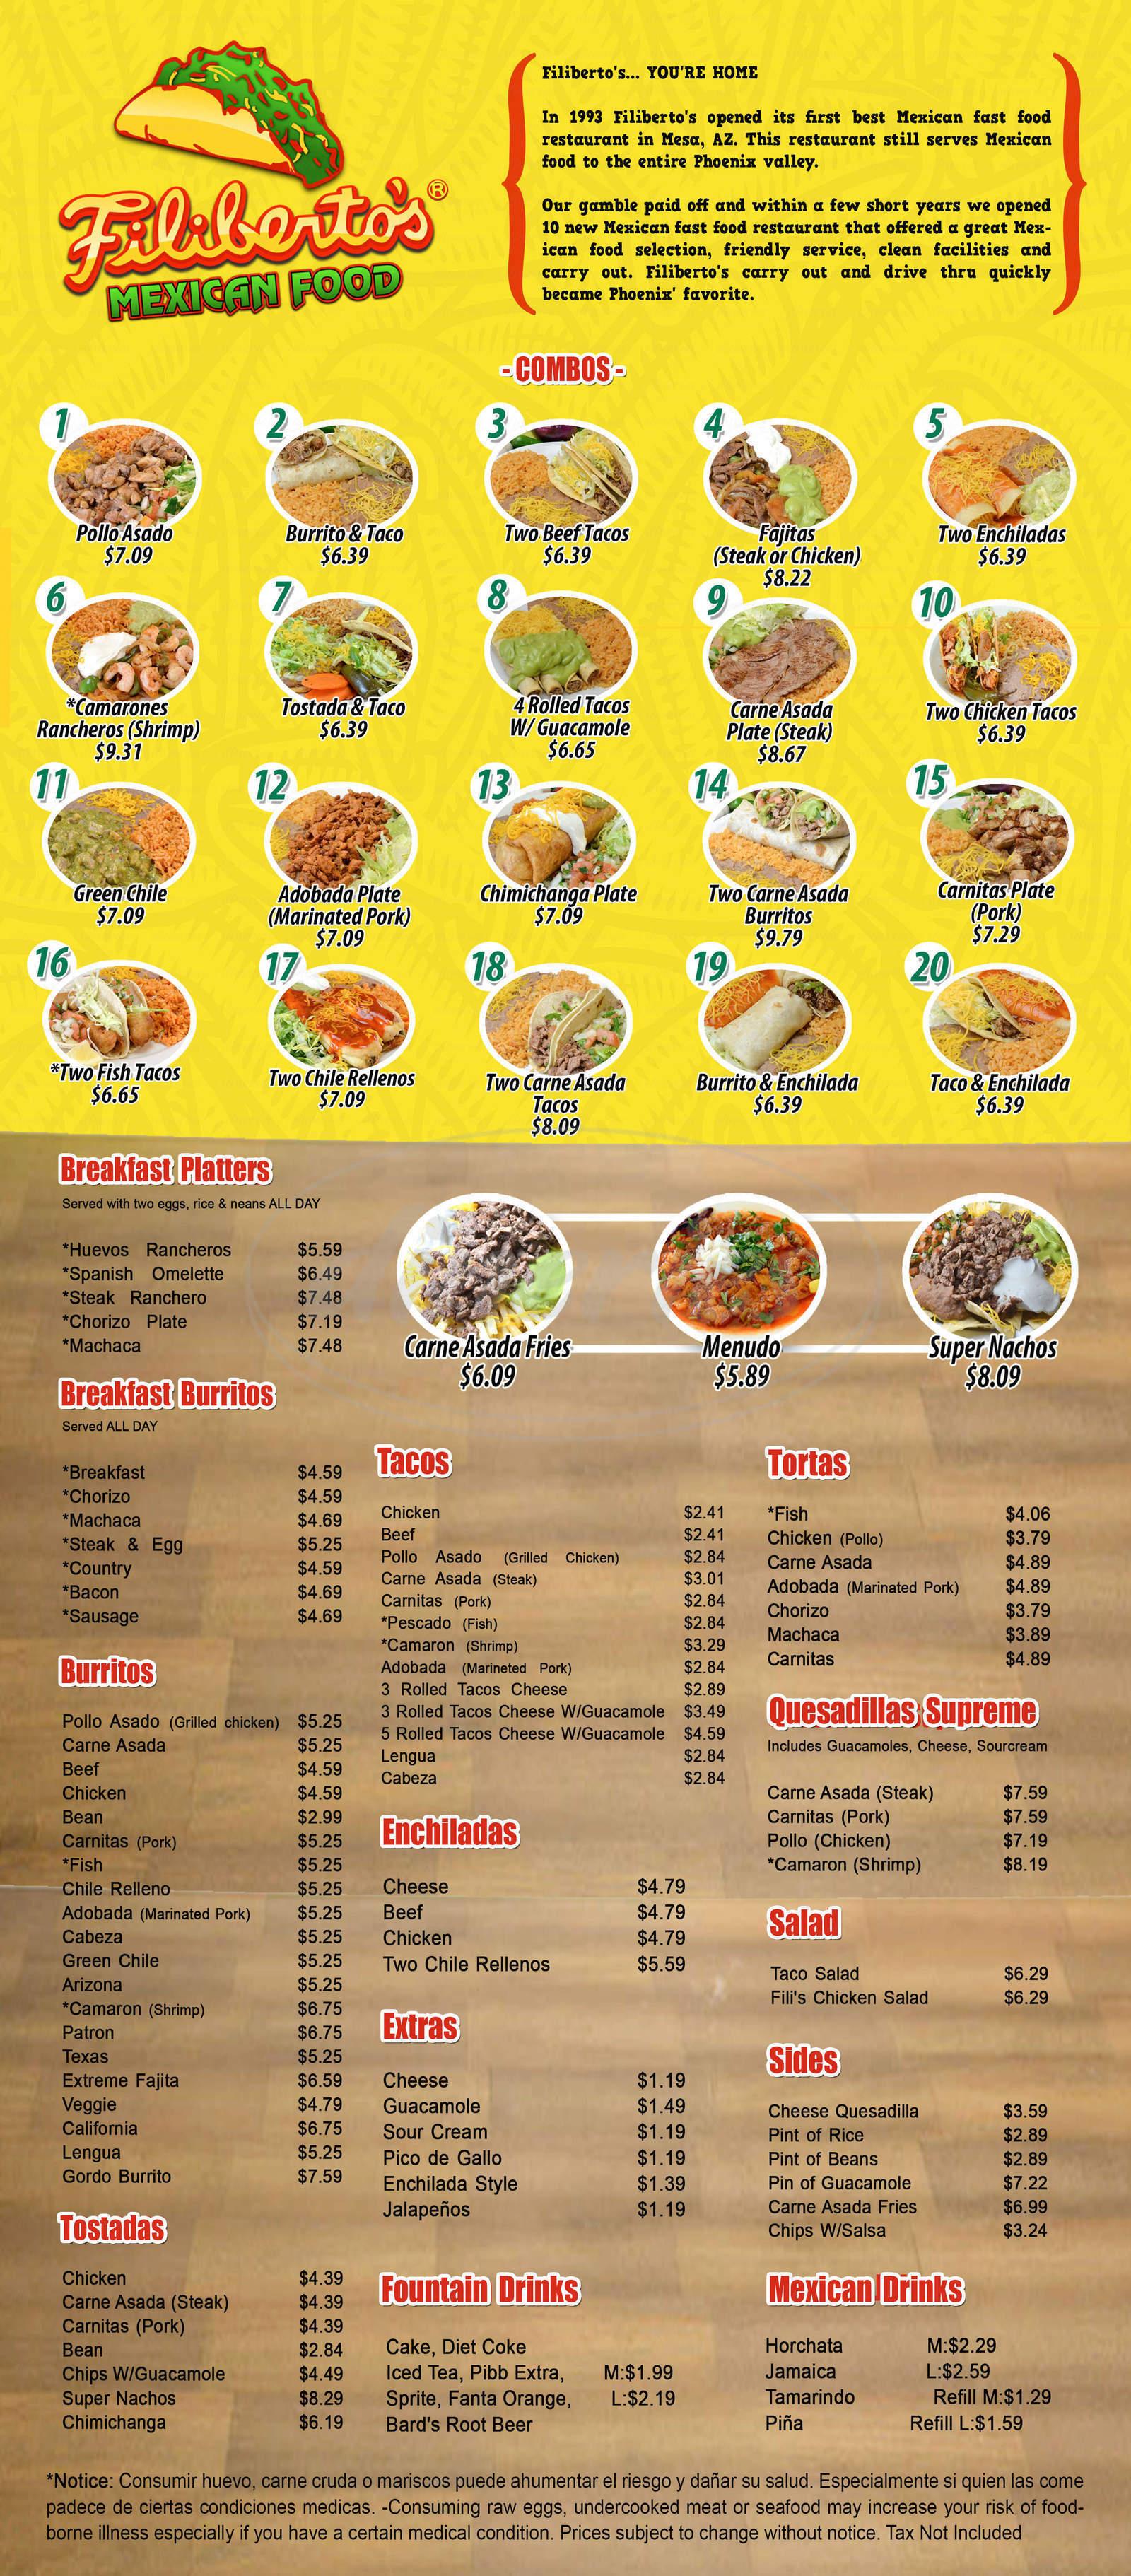 menu for Filiberto's